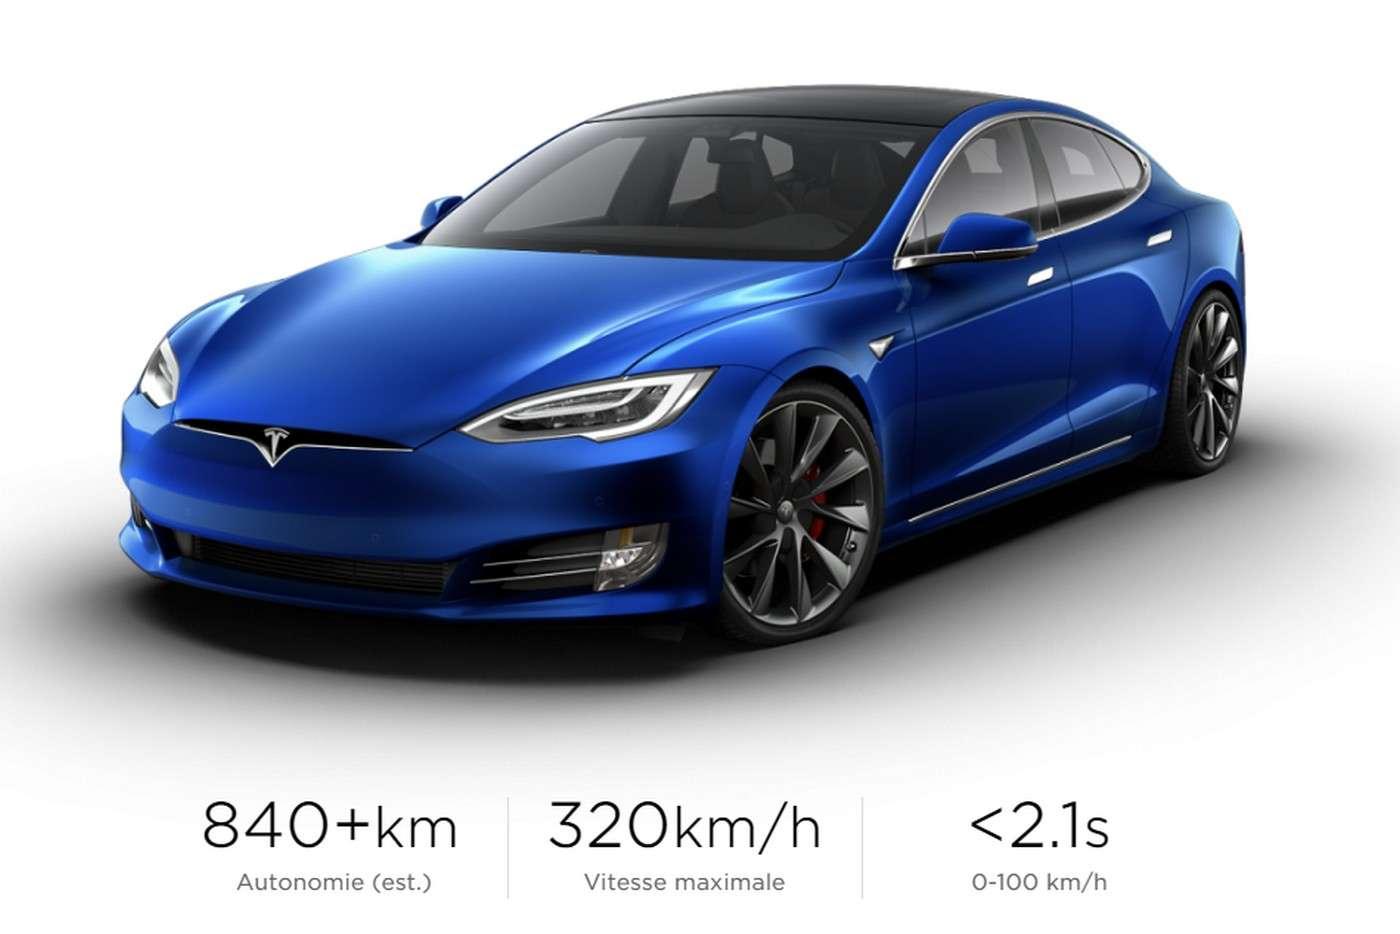 La Tesla Model S Plaid coûte 40.000 euros de plus que la version Performance. © Tesla